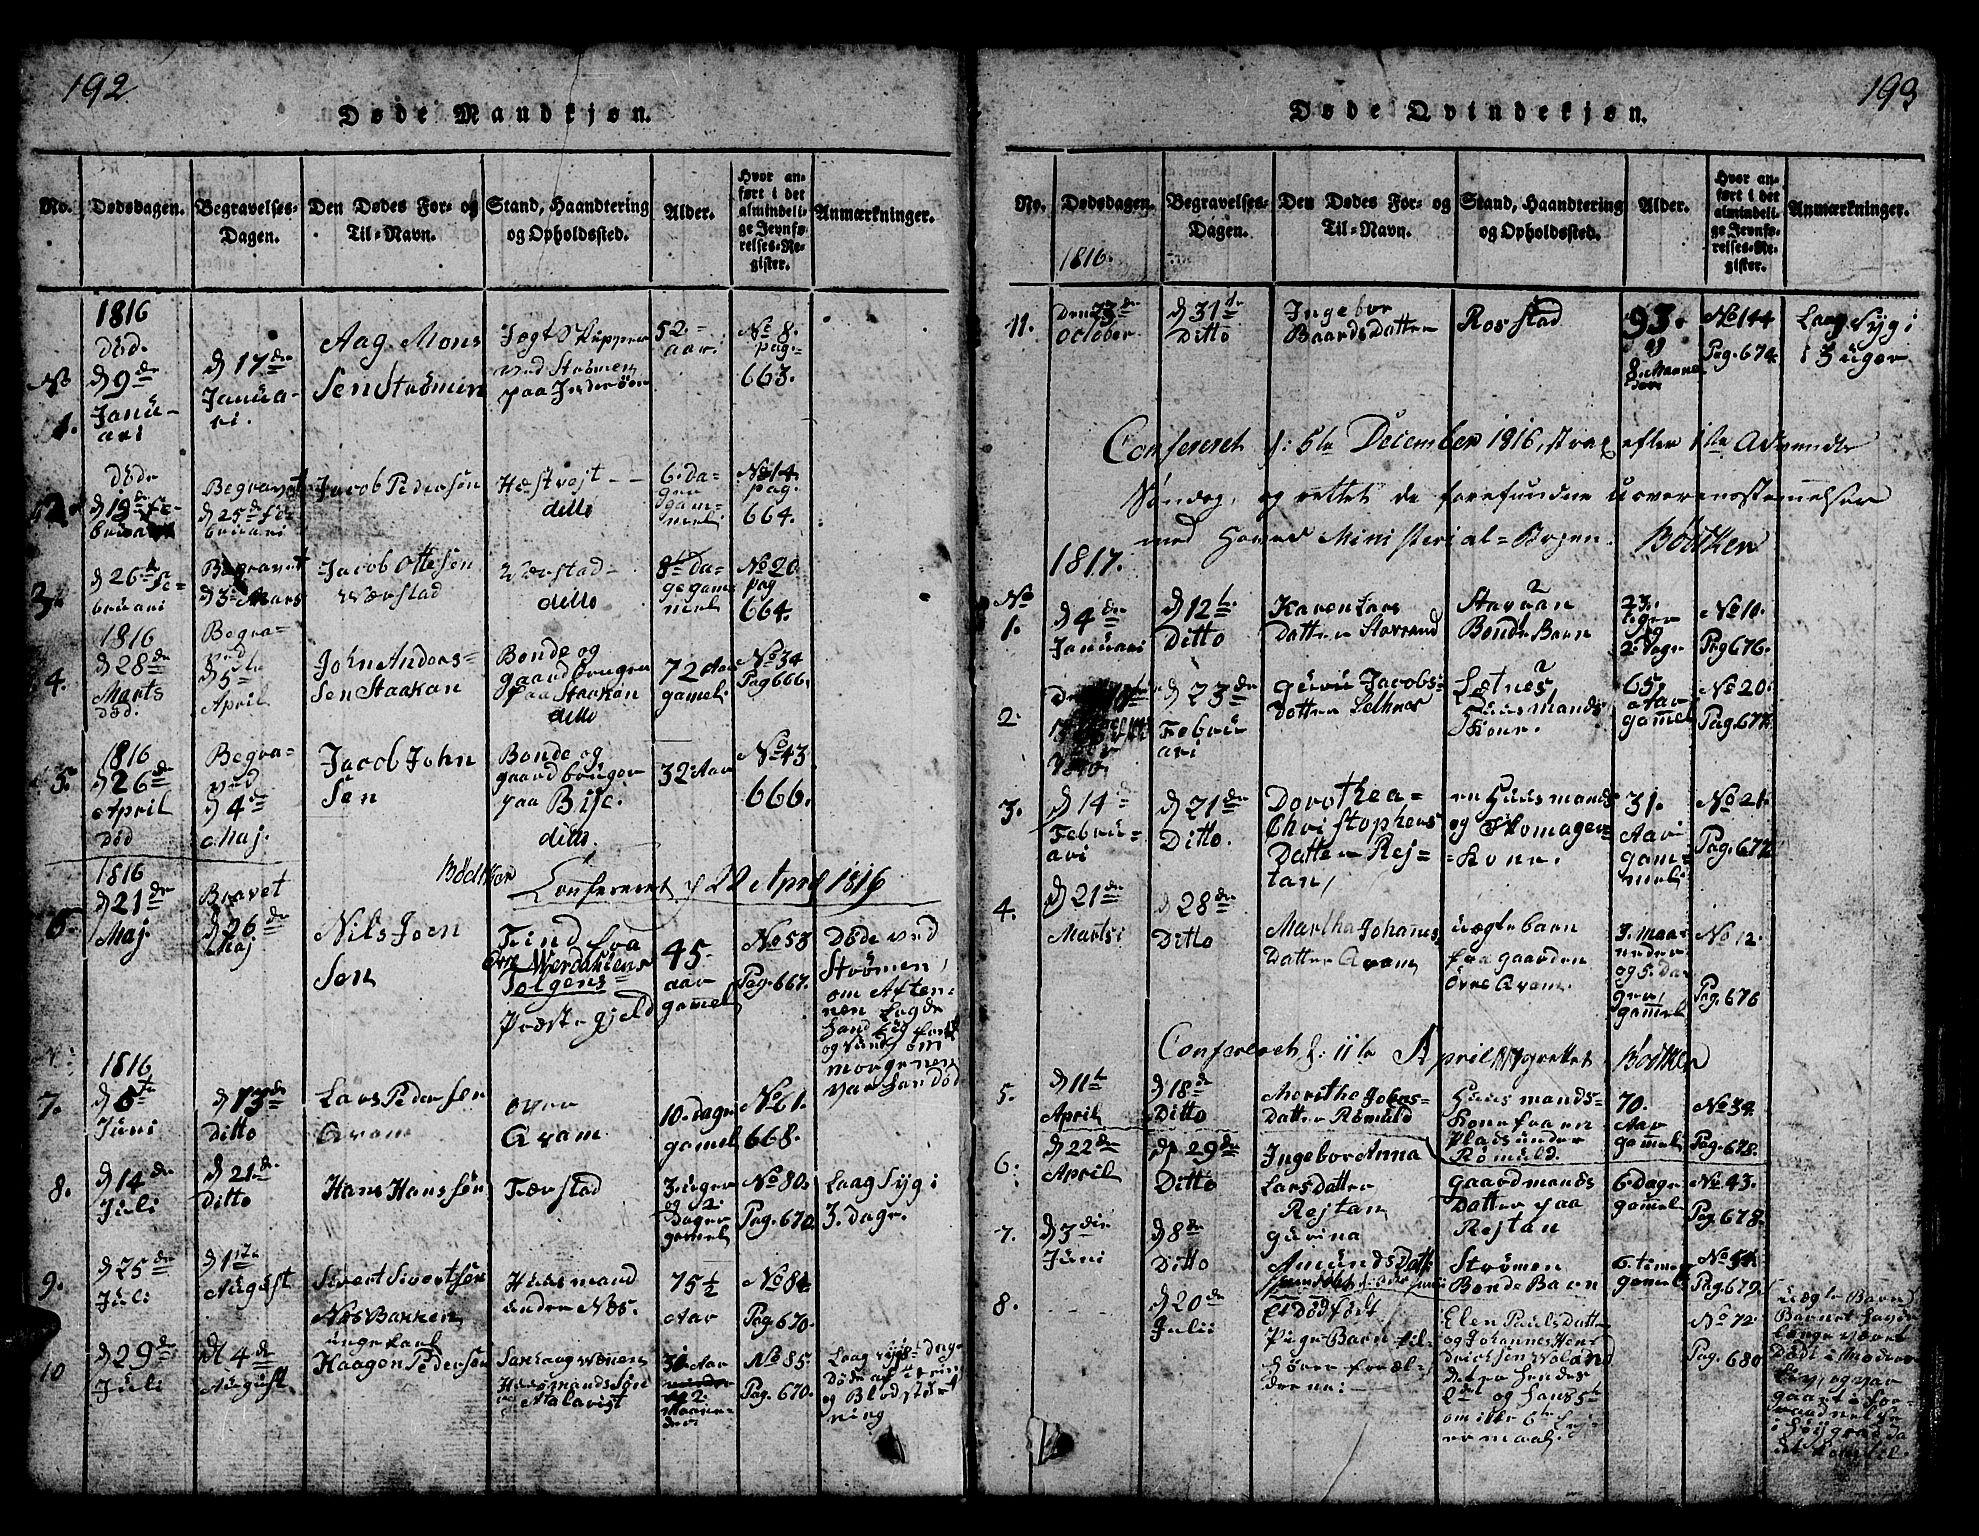 SAT, Ministerialprotokoller, klokkerbøker og fødselsregistre - Nord-Trøndelag, 730/L0298: Klokkerbok nr. 730C01, 1816-1849, s. 192-193